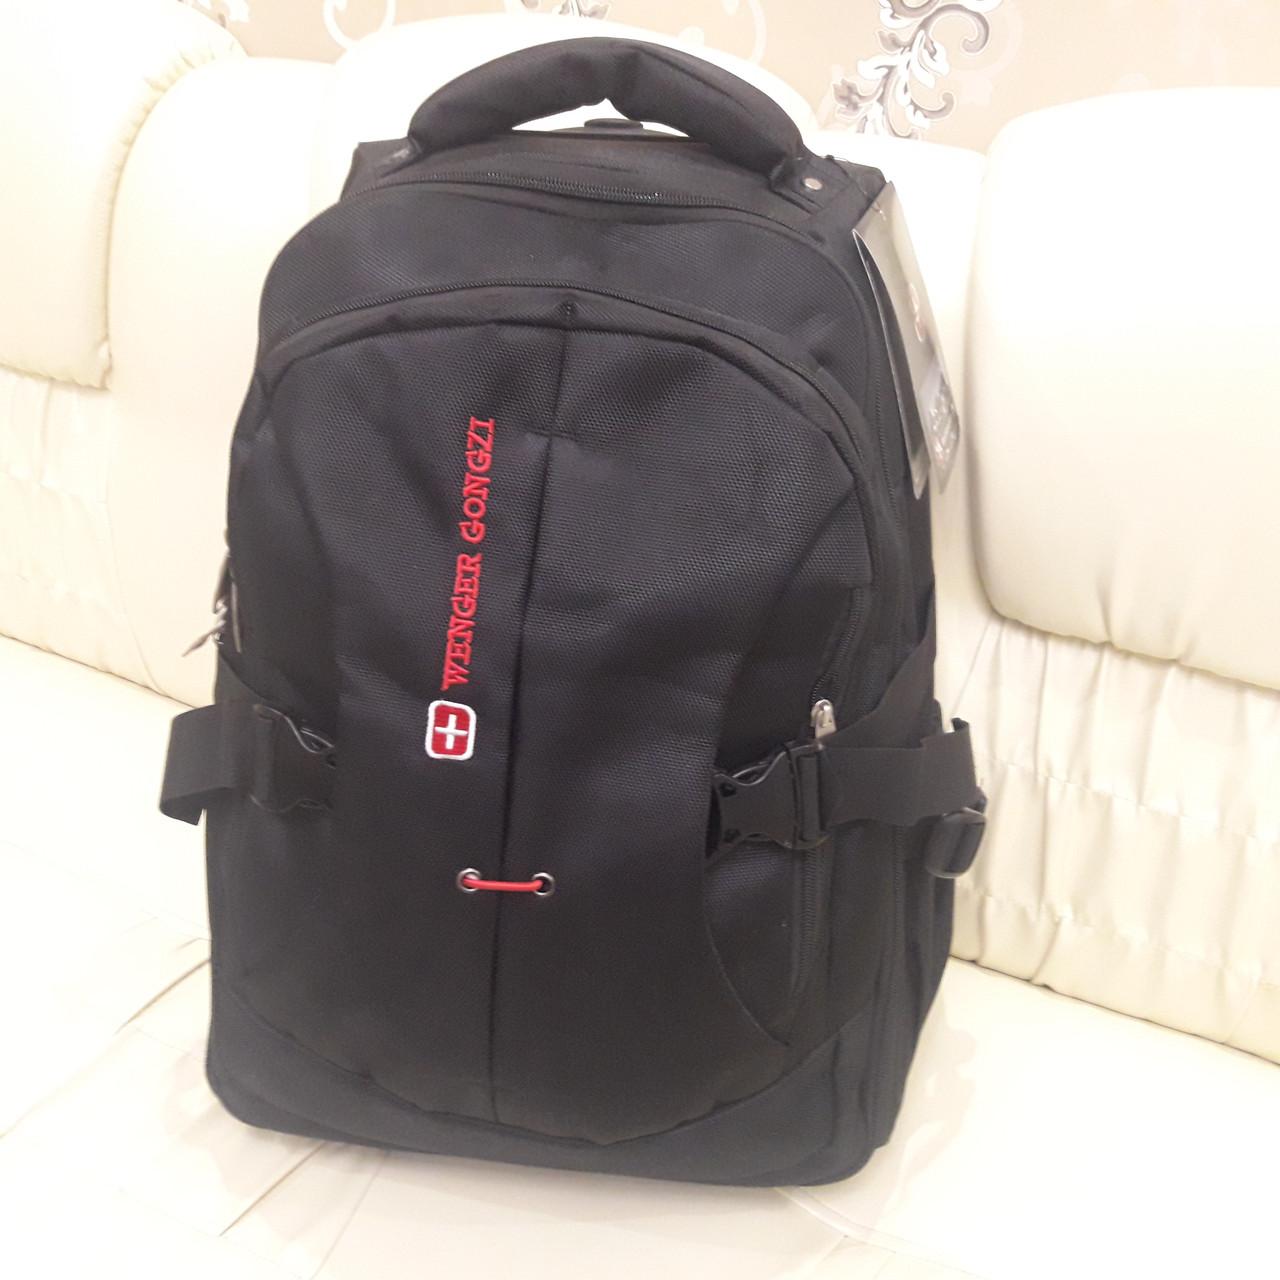 Рюкзак Wenger дорожная сумка на колесиках